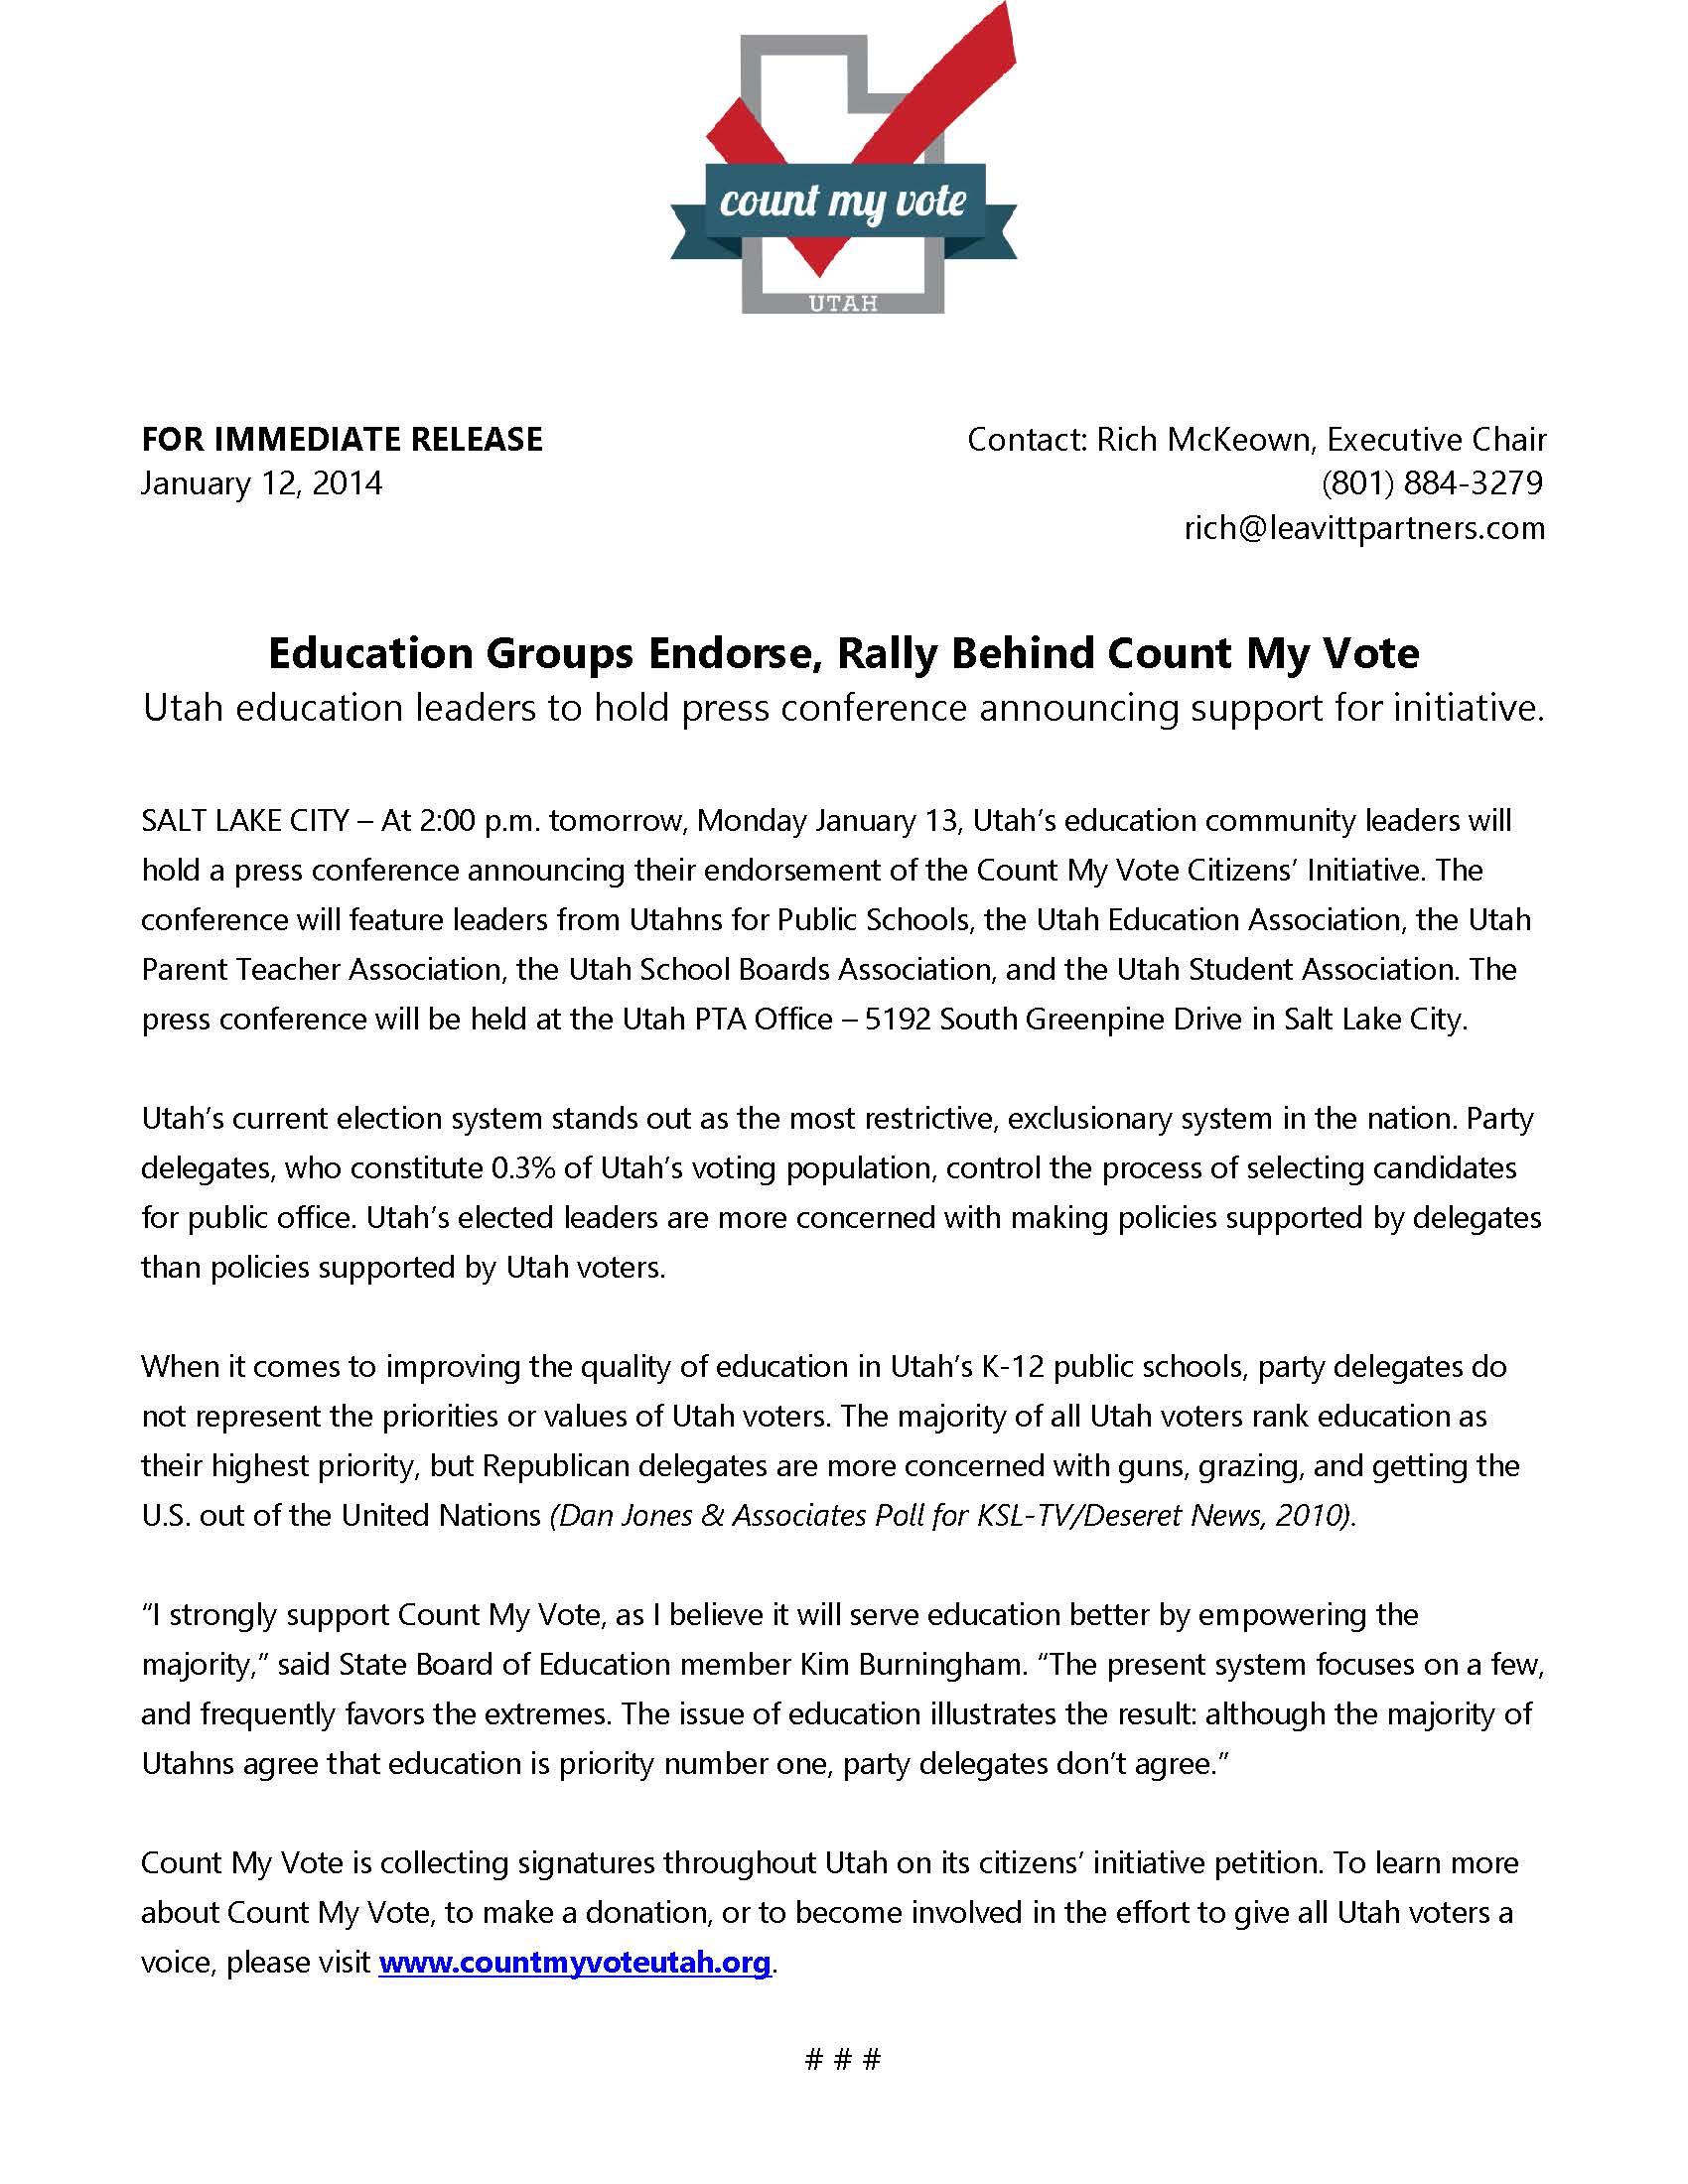 Education Community Endorses, Rallies Behind Count My Vote.jpg